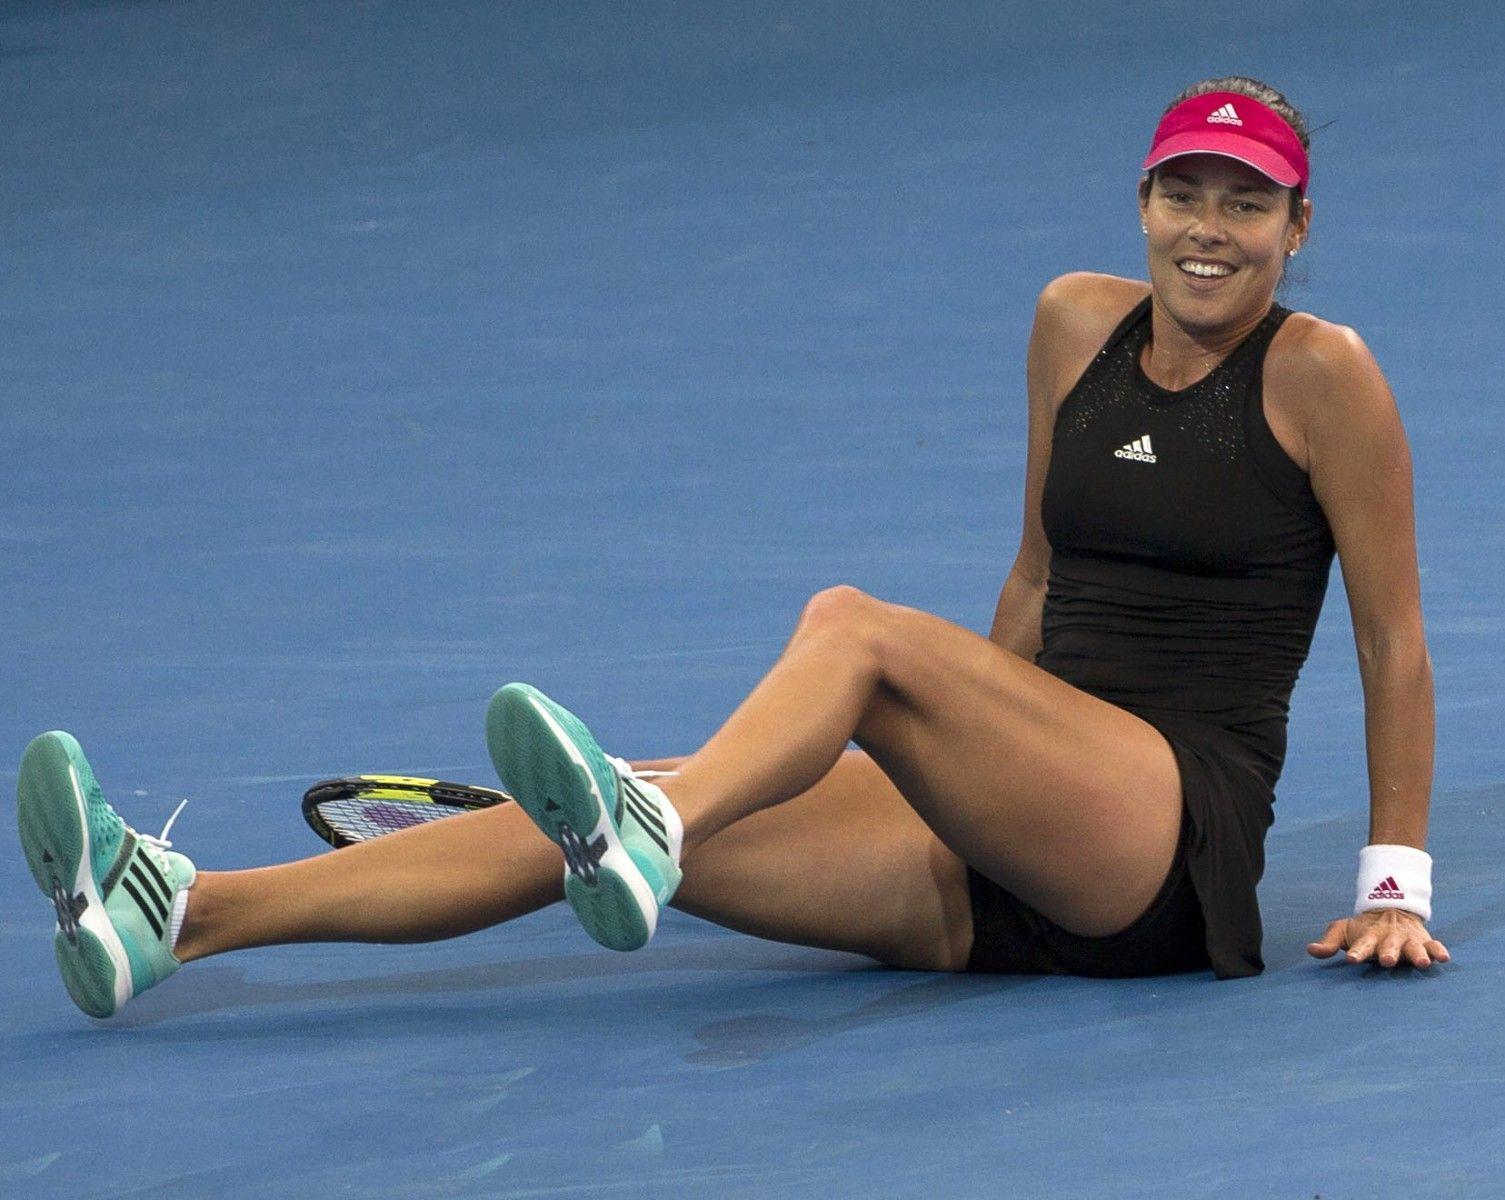 Ana Ivanovic Srb Tennis Brisbane International 2015 Brisbane Atp 250 Wta Queensland Tennis Centre Au Brisbane International Brisbane Ana Ivanovic